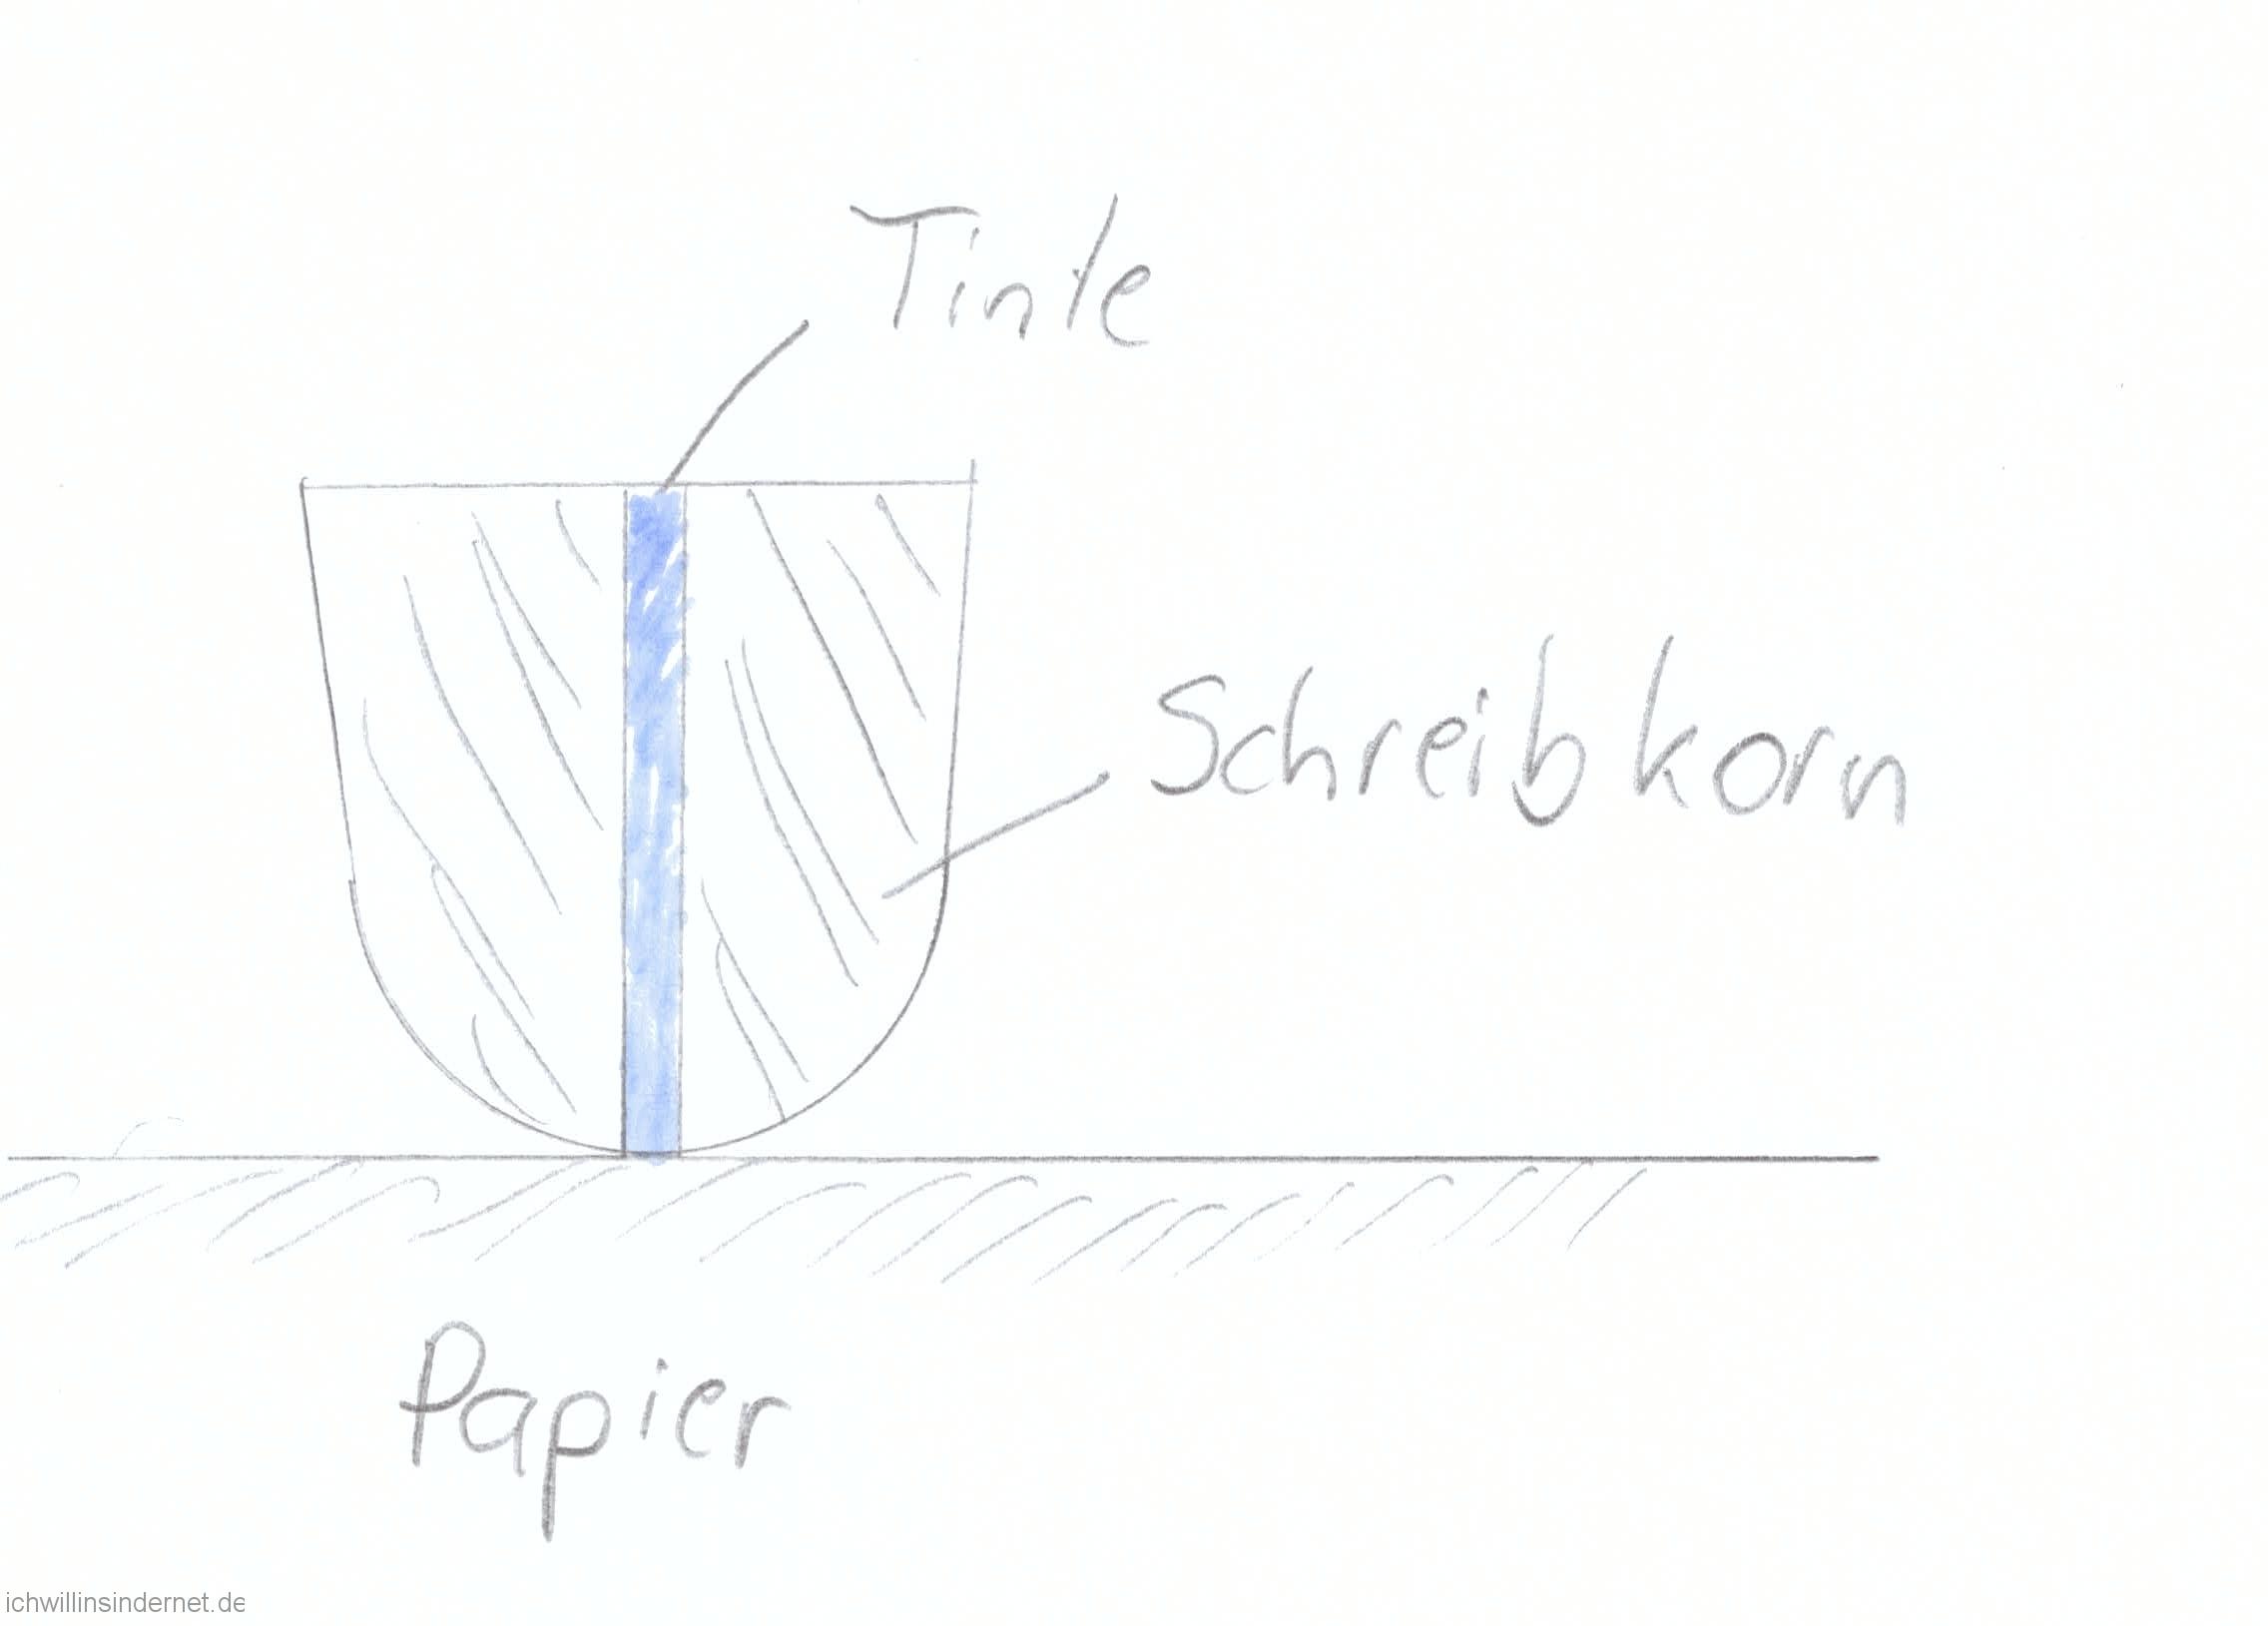 Pelikan M800: guter Tintenfluss am Schreibkorn